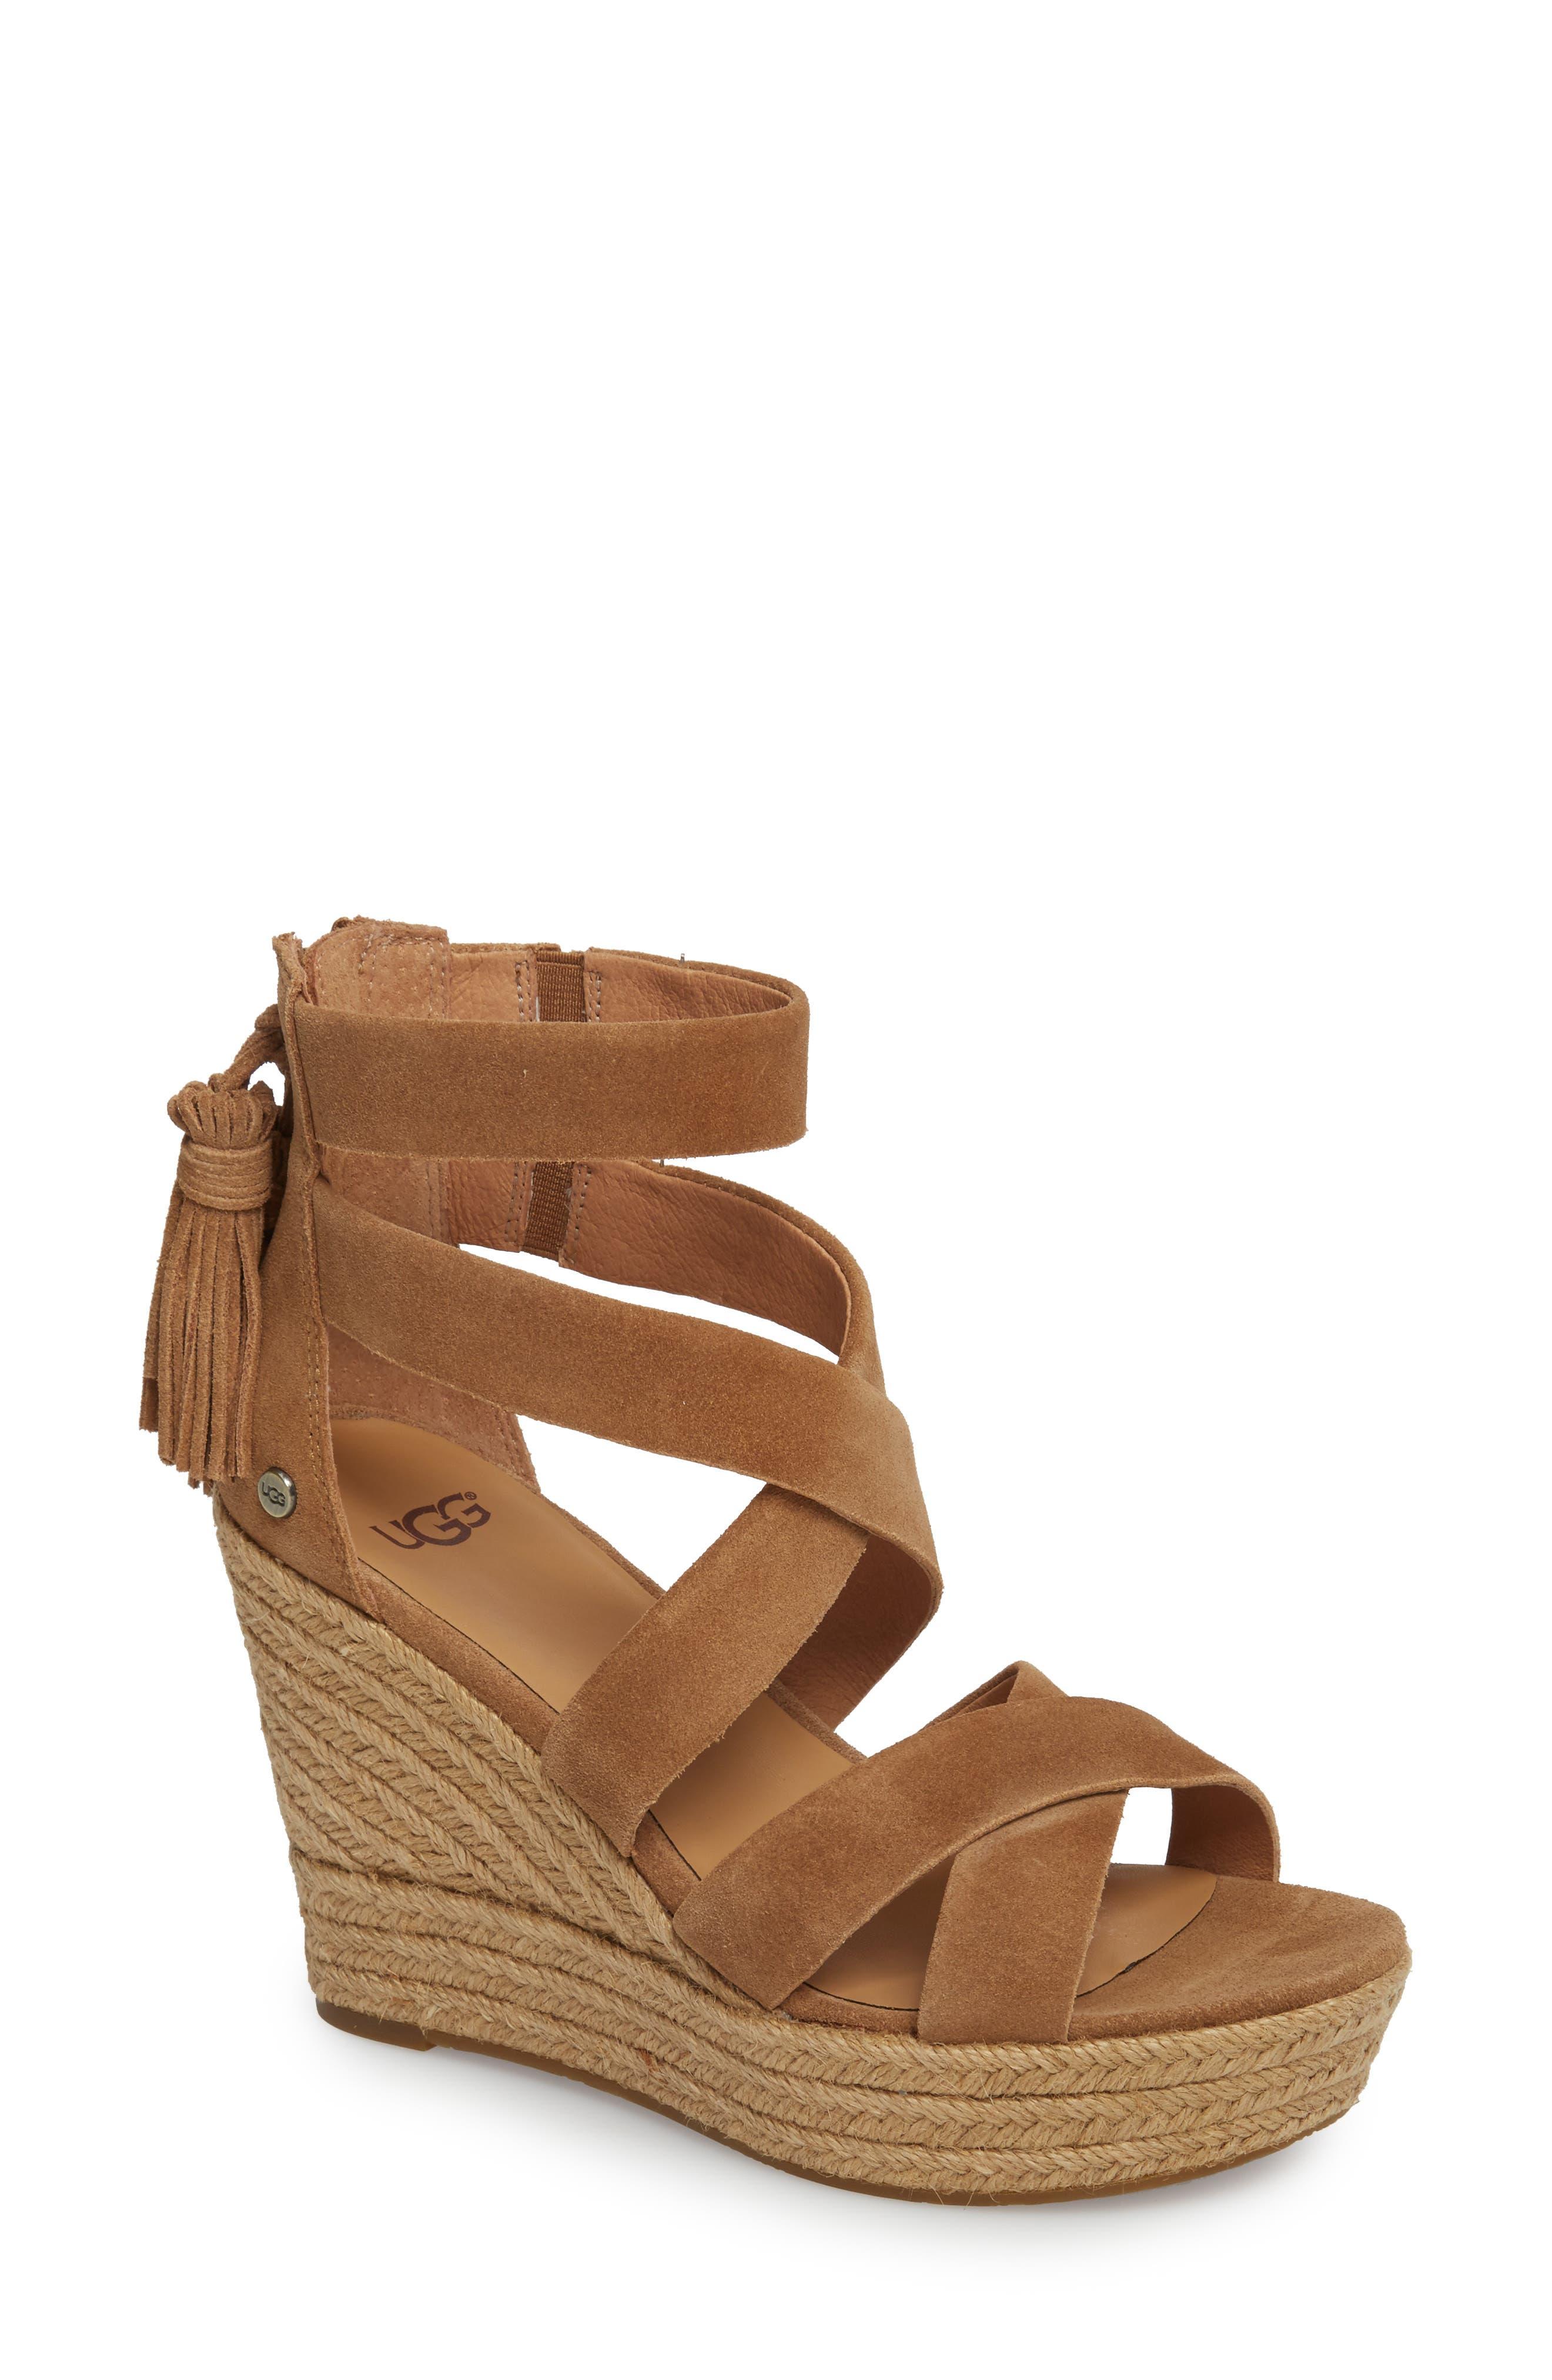 Raquel Platform Wedge Sandal,                             Main thumbnail 2, color,